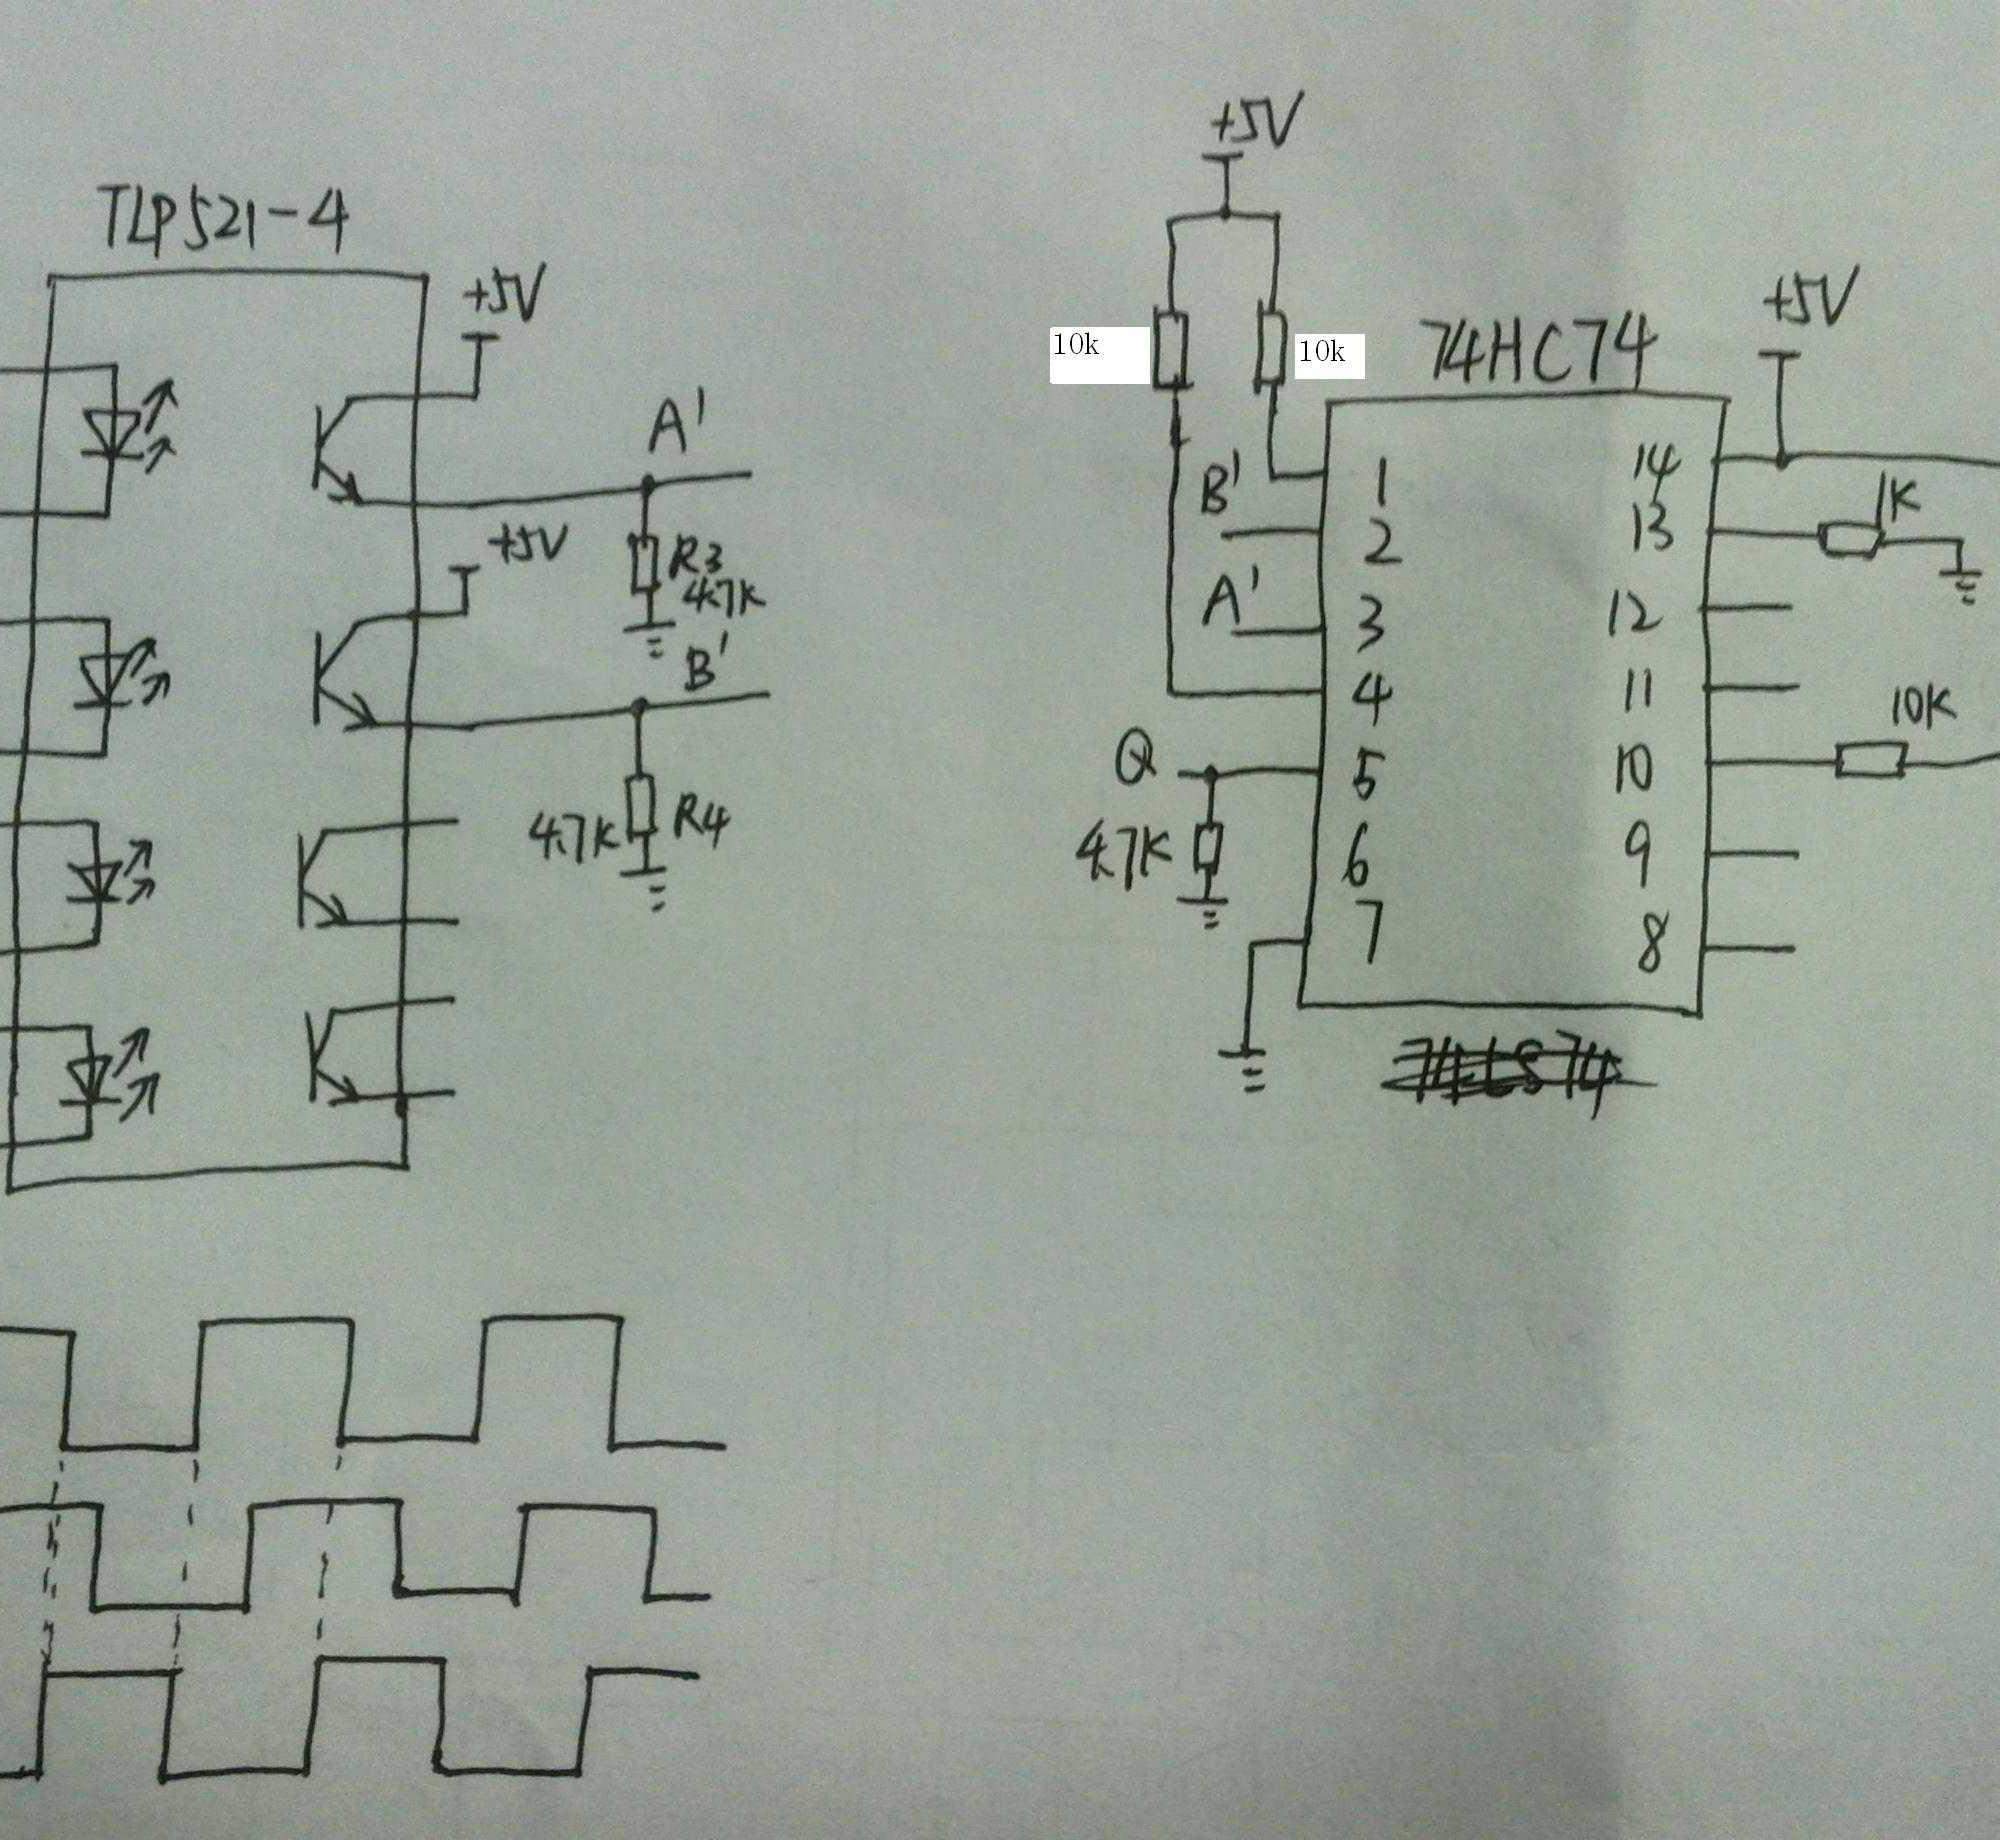 求助:双d触发器74hc74用于旋转编码器鉴相遇到问题